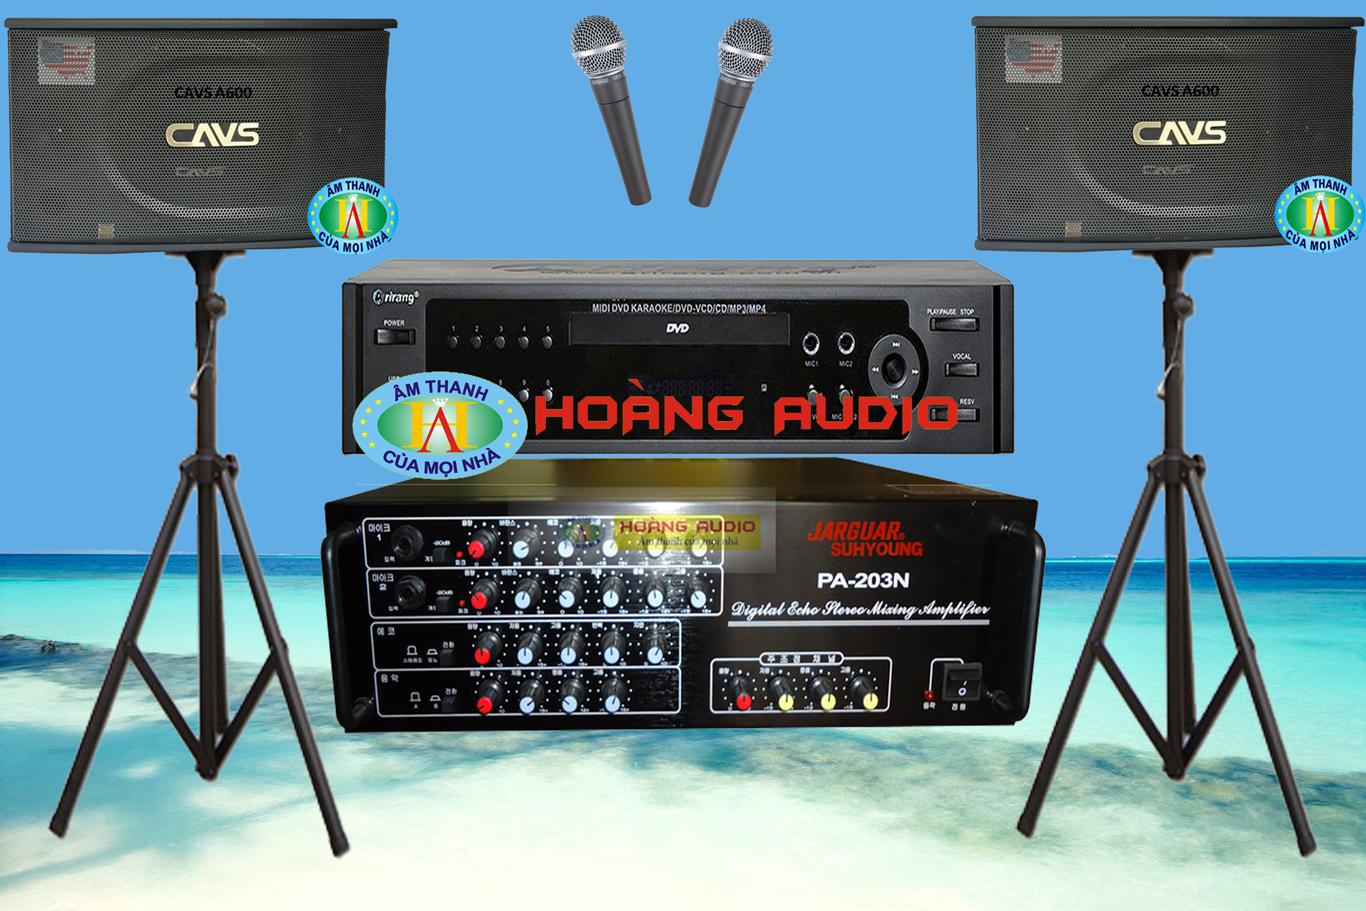 Thumbnail image for Bộ dàn karaoke gia đình HO 29